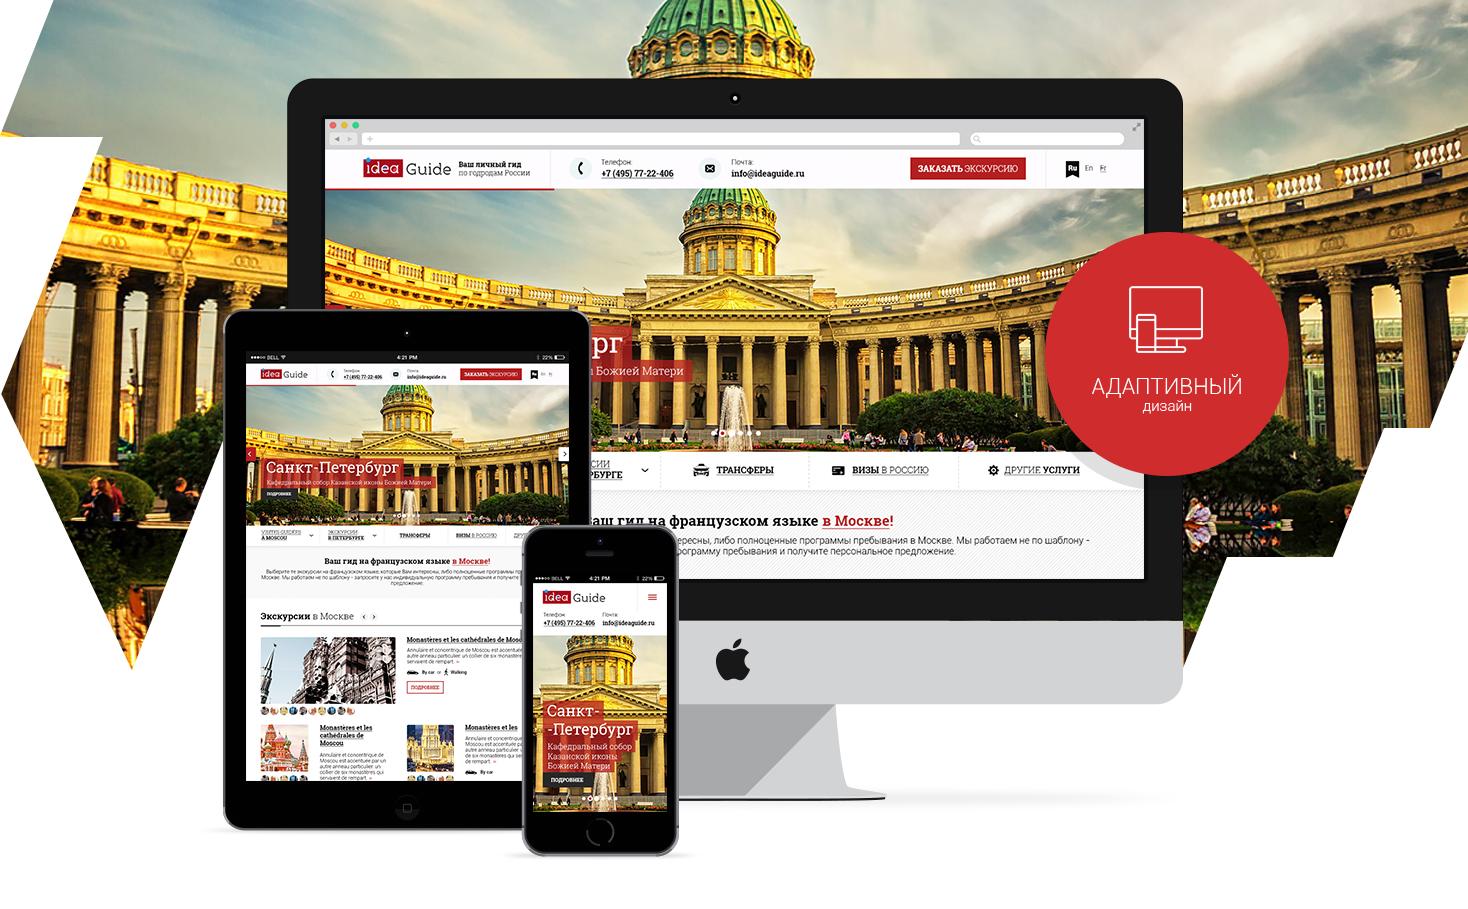 Обновление дизайна для сайта экскурсий по Москве и Питеру - IdeaGuide